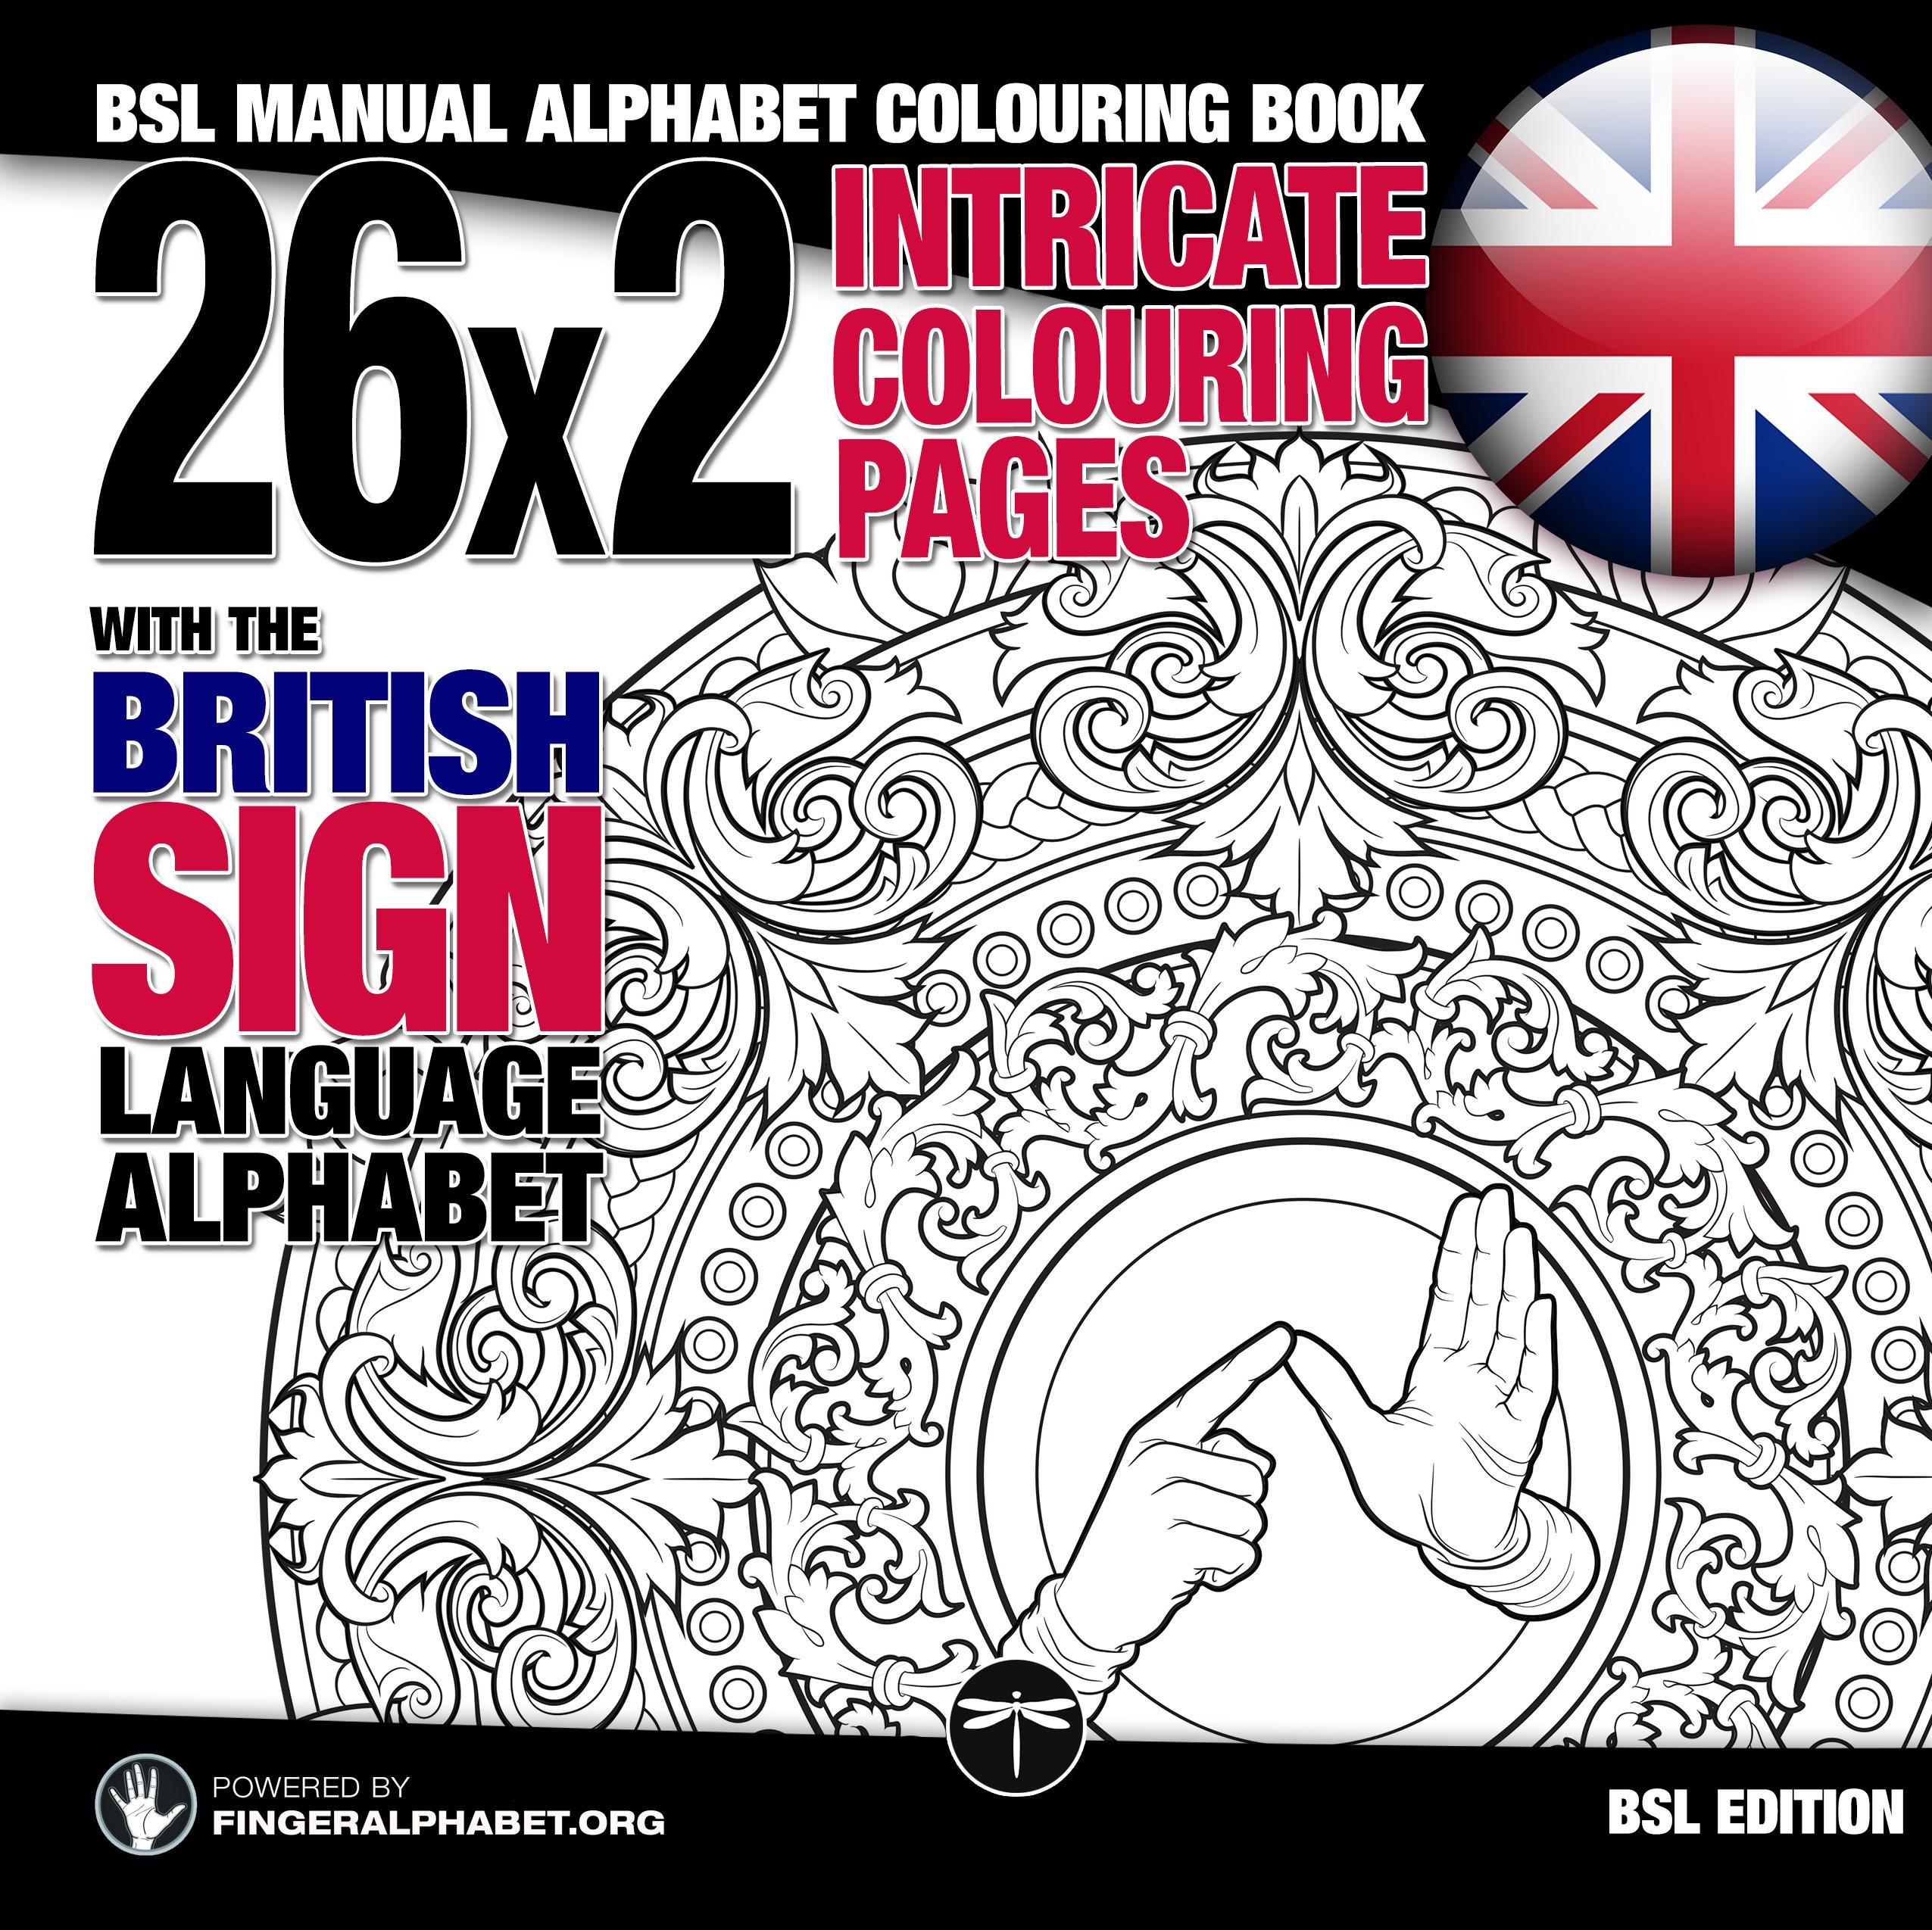 British Sign Language Alphabet Coloring book